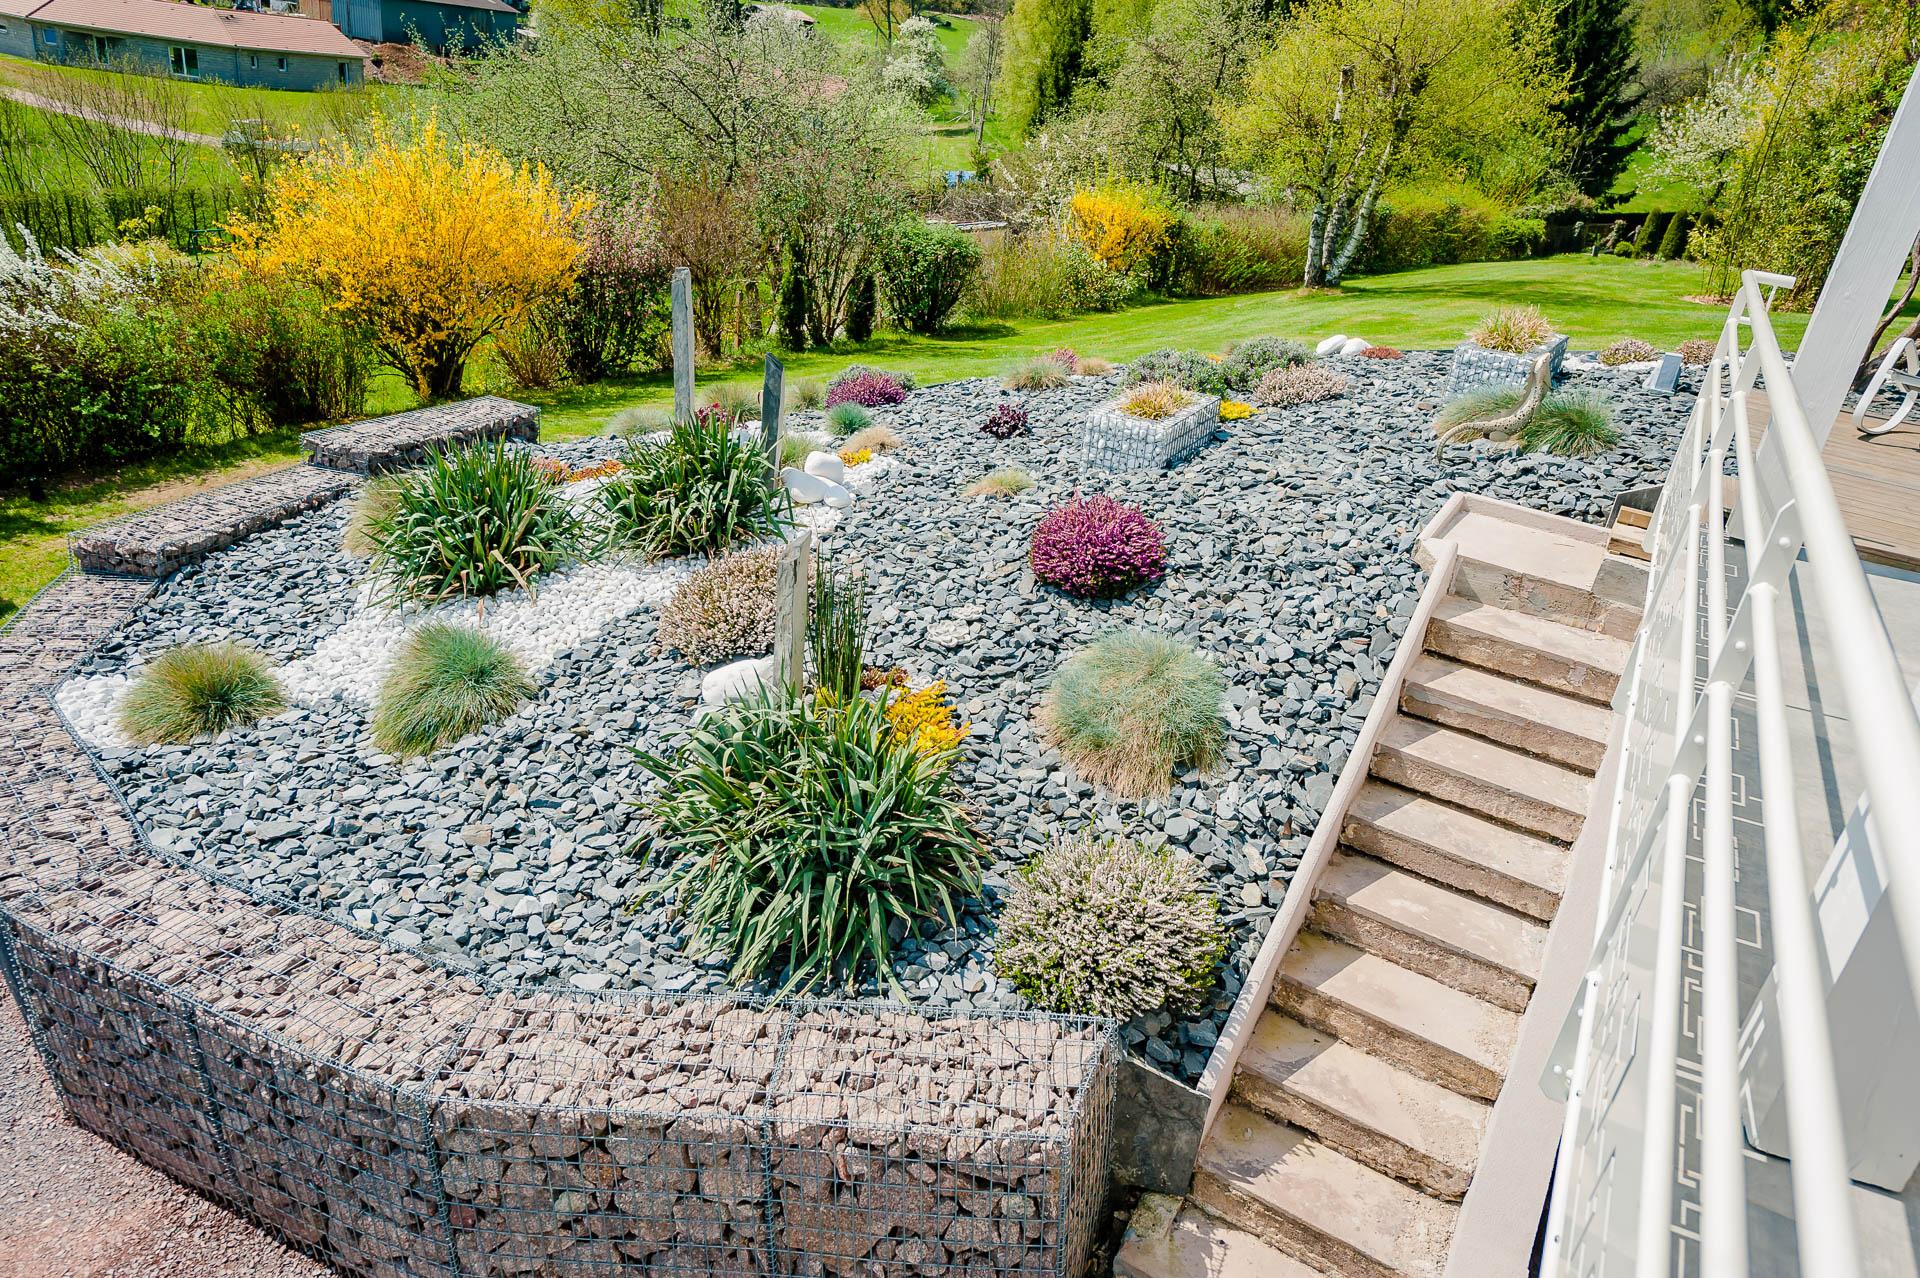 Idée D'aménagement De Jardin Dans Les Vosges - Agrovosges pour Massif Decoratif Exterieur